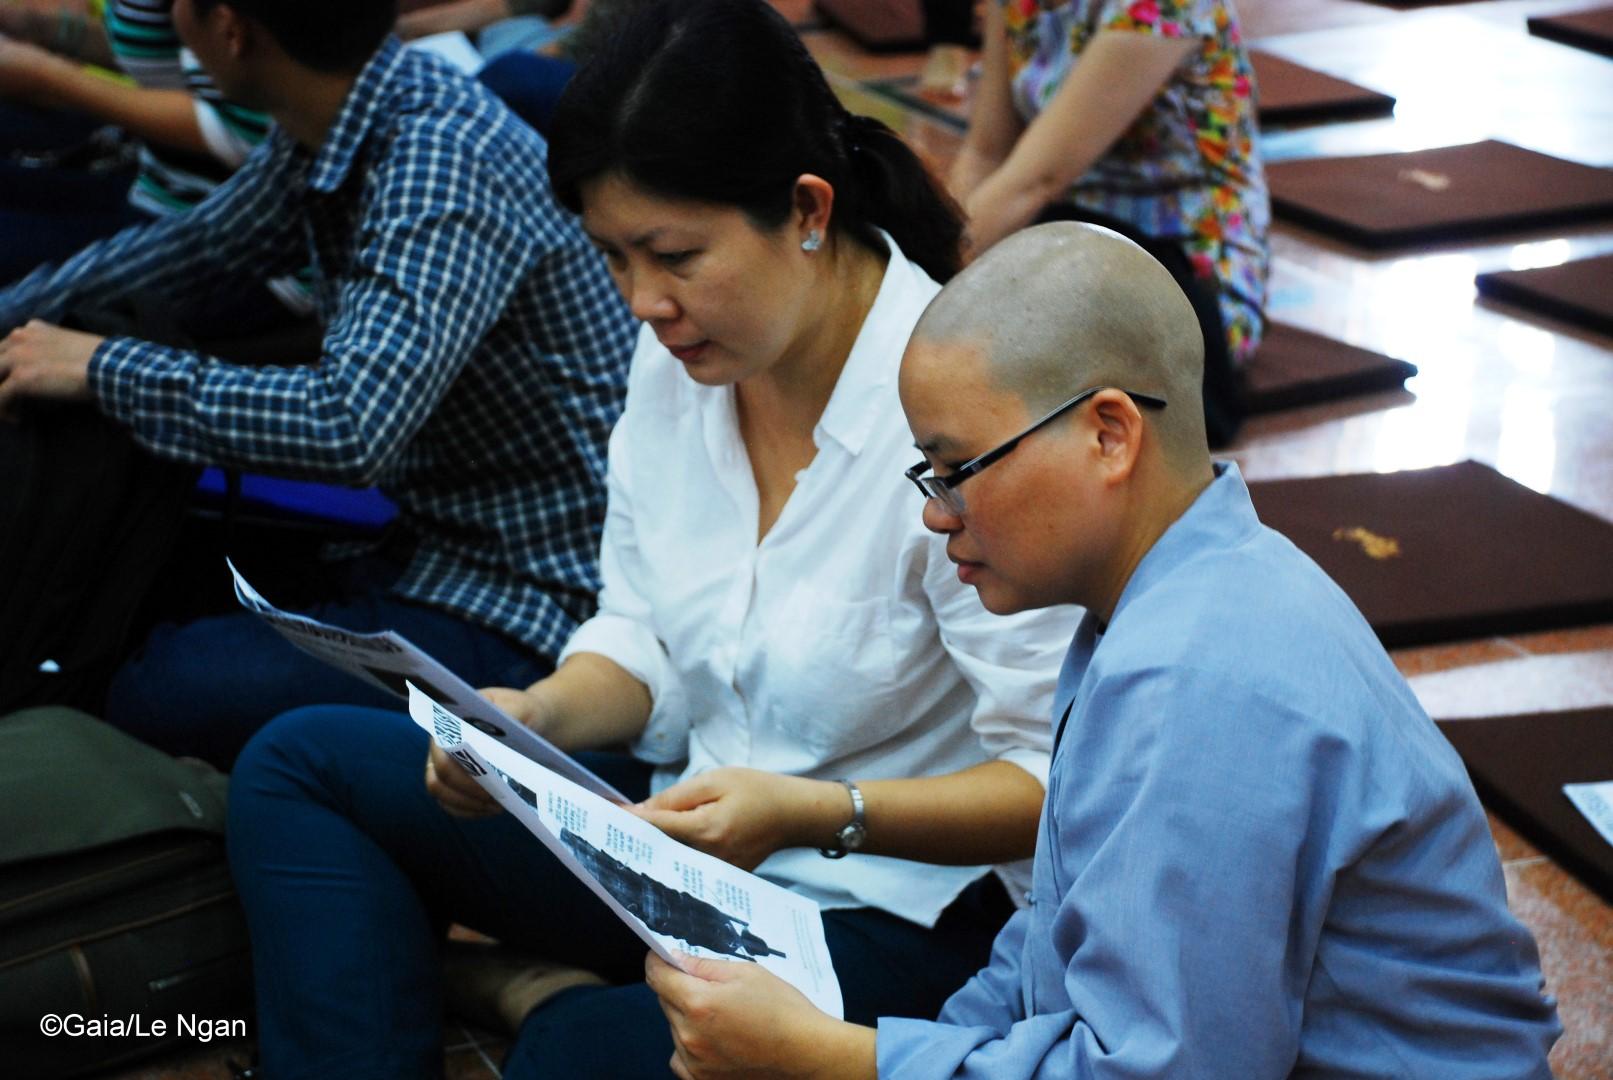 Người tham gia chăm chú đọc tài liệu hướng dẫn